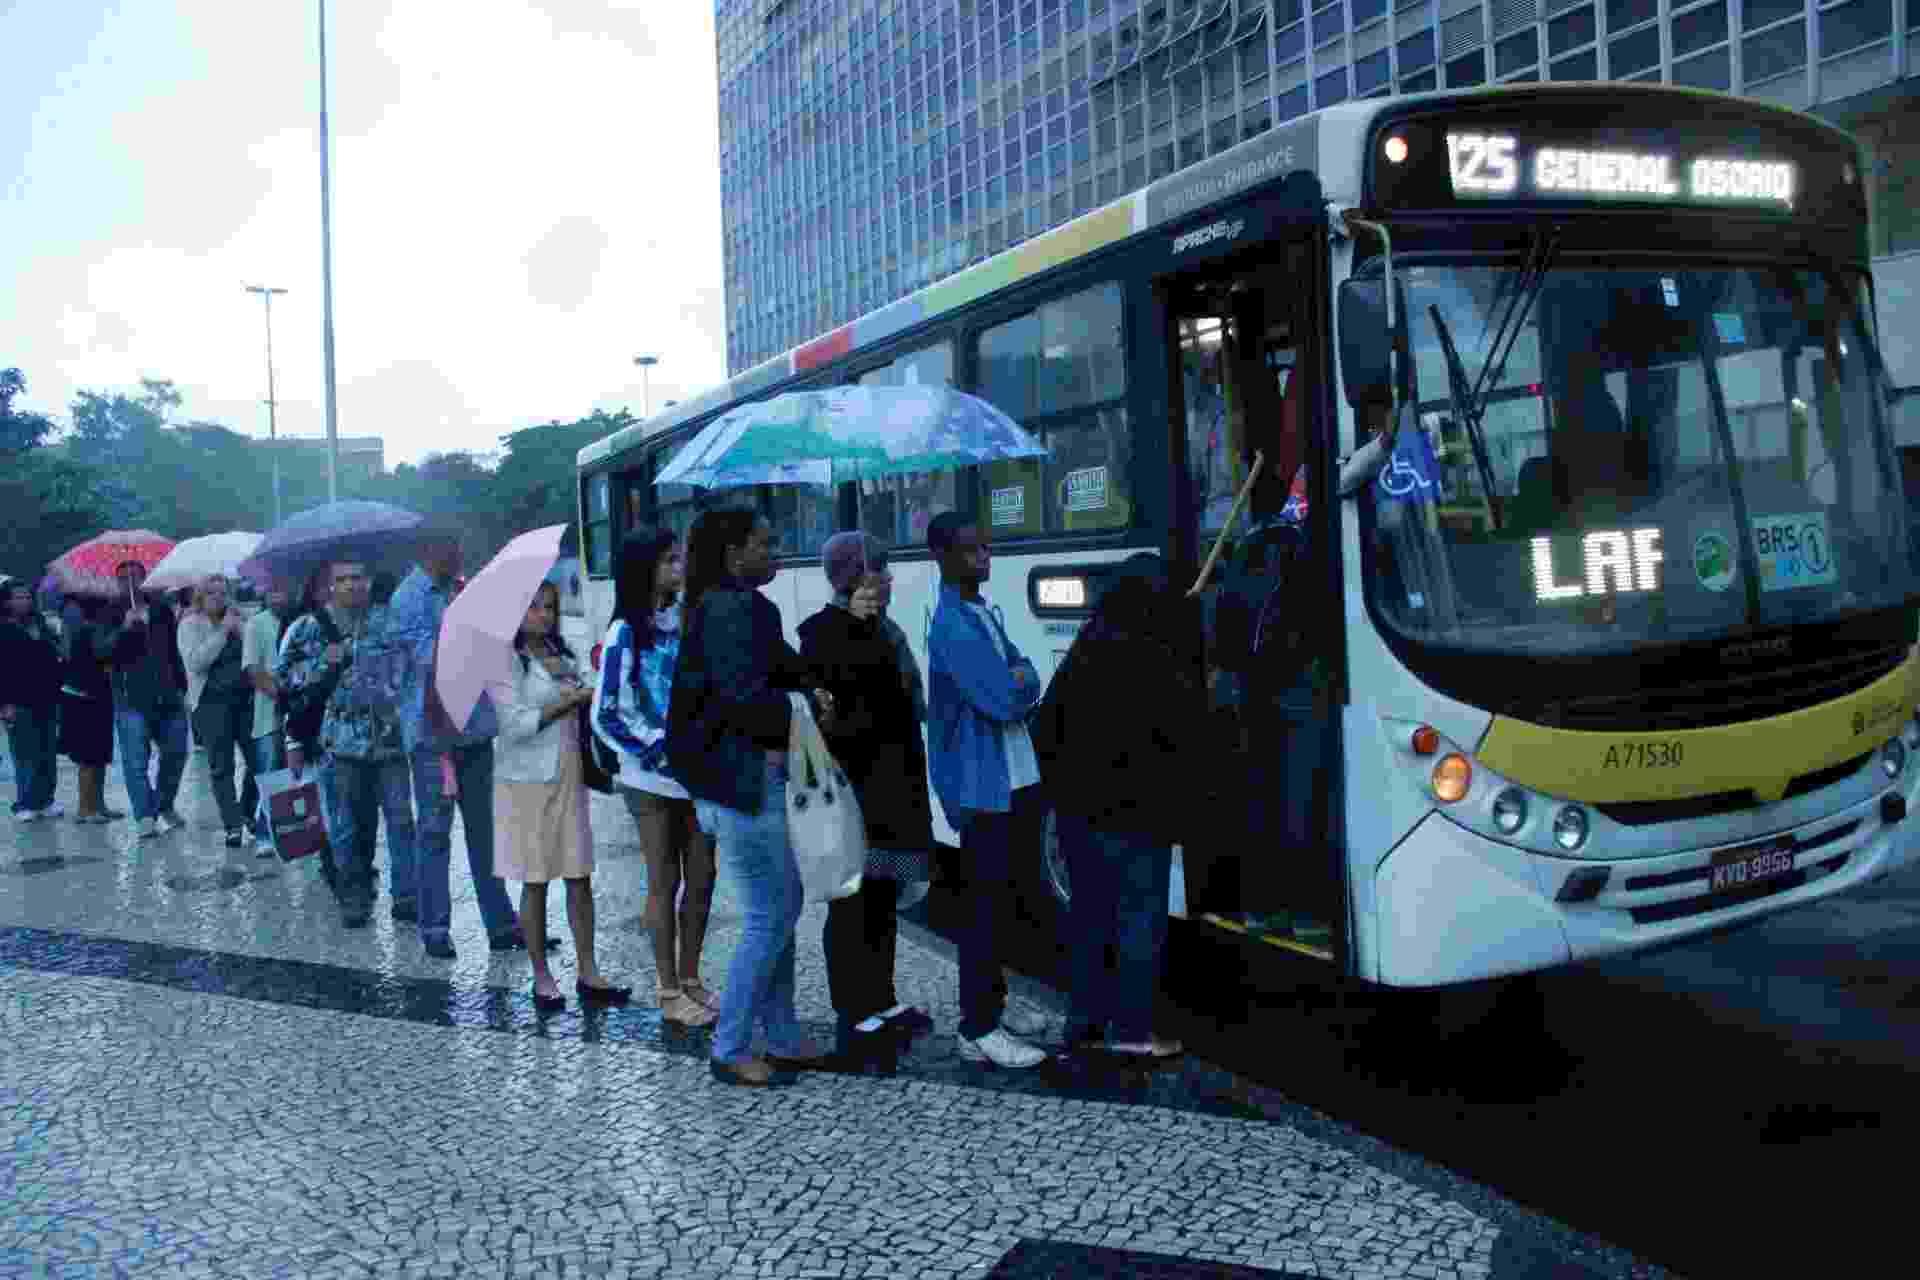 28.mai.2014 - Passageiros embarcam em ônibus na Central do Brasil, no Rio de Janeiro, na manhã desta quarta-feira. Há alguns ônibus circulando pelos pontos do Rio, embora sejam poucos, nesta manhã, durante paralisação de 24 horas dos rodoviários - José Lucena/ Futura Press/ Estadão Conteúdo